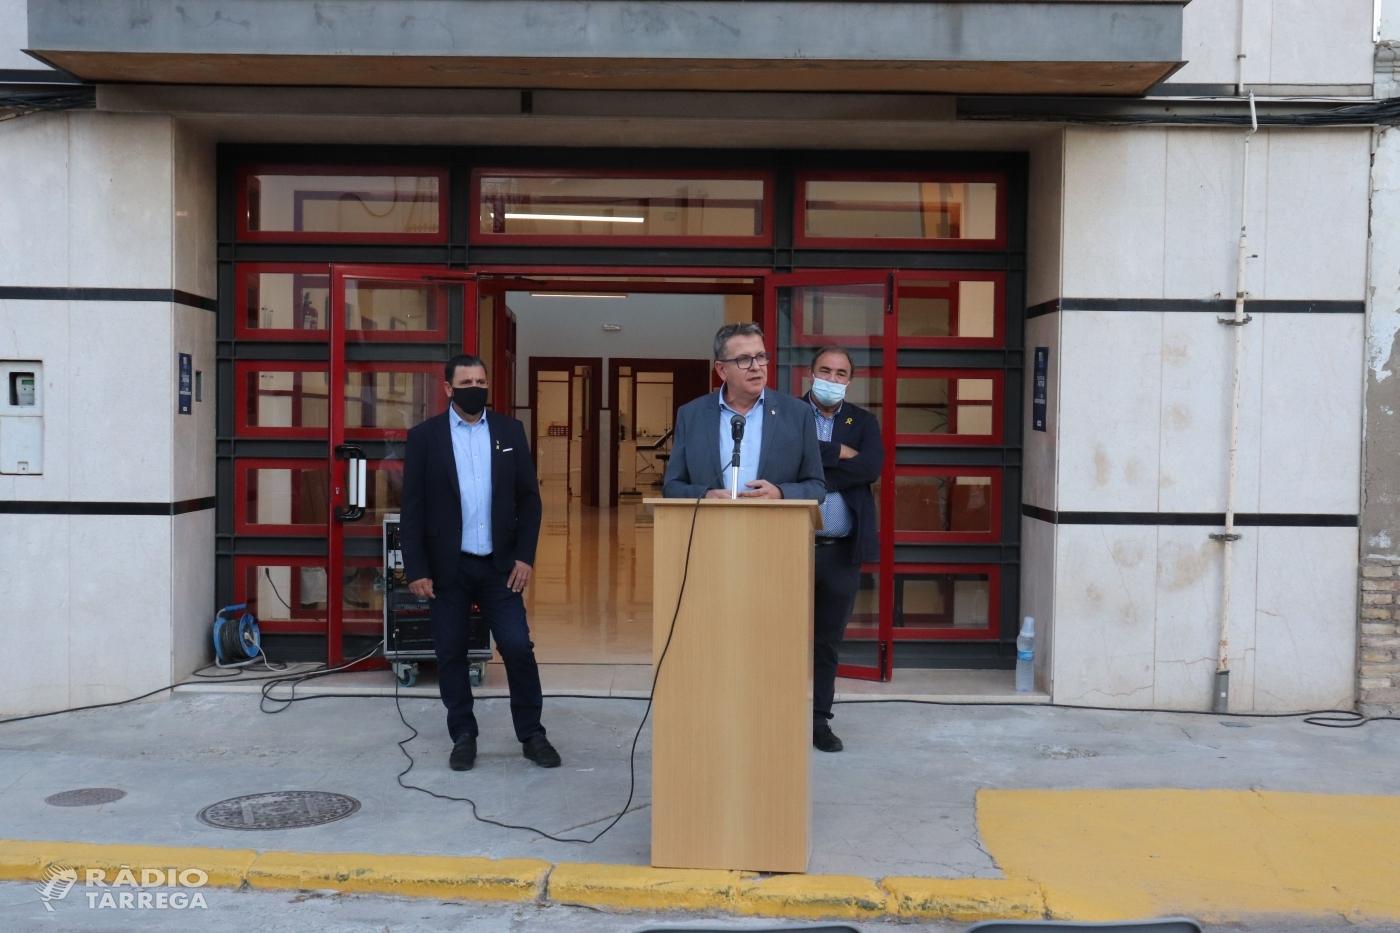 Talarn anuncia a Bellcaire d'Urgell que la Diputació aprovarà un pla de 15M€ perquè els ajuntaments puguin fer inversions en matèria de salut en els propers tres anys